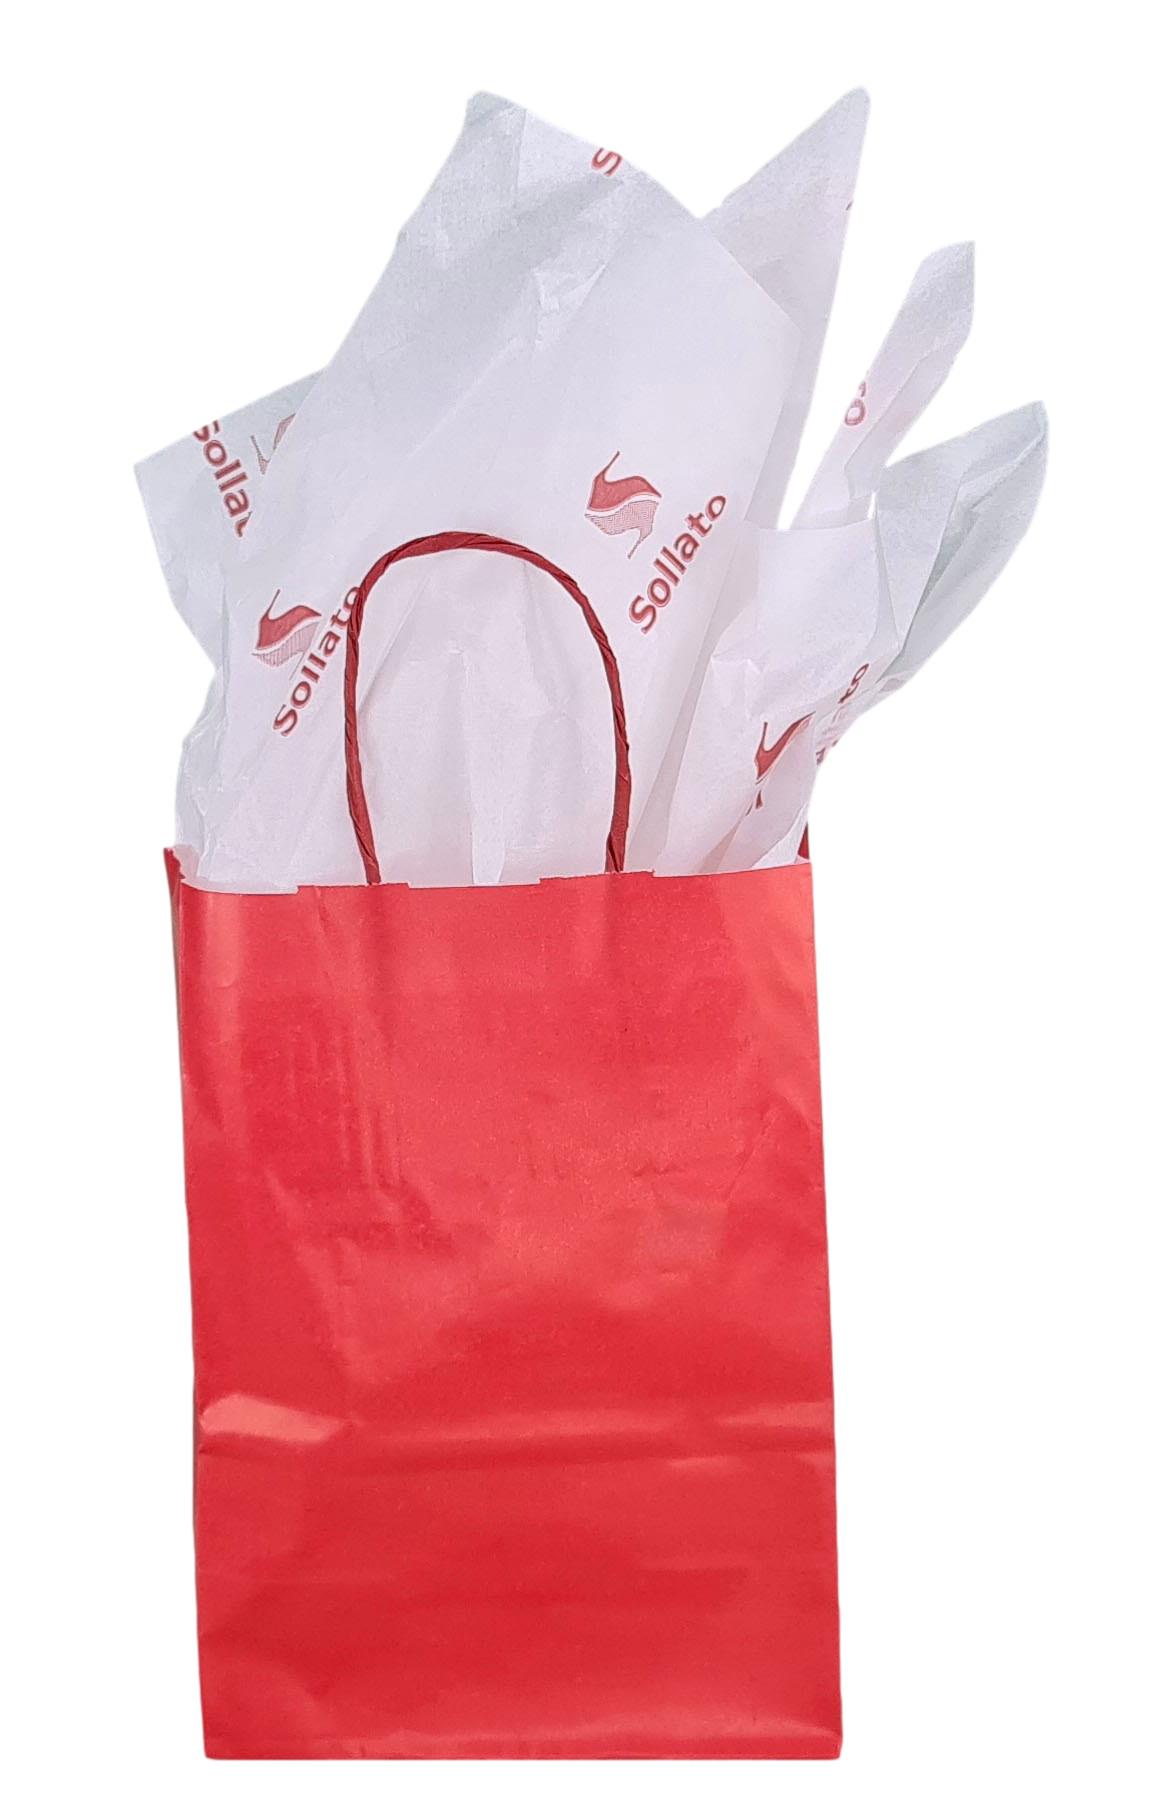 Papel de Seda Personalizado 20g/m - Tamanho 50 x 70 - Linha paper 2058  - Litex Embalagens